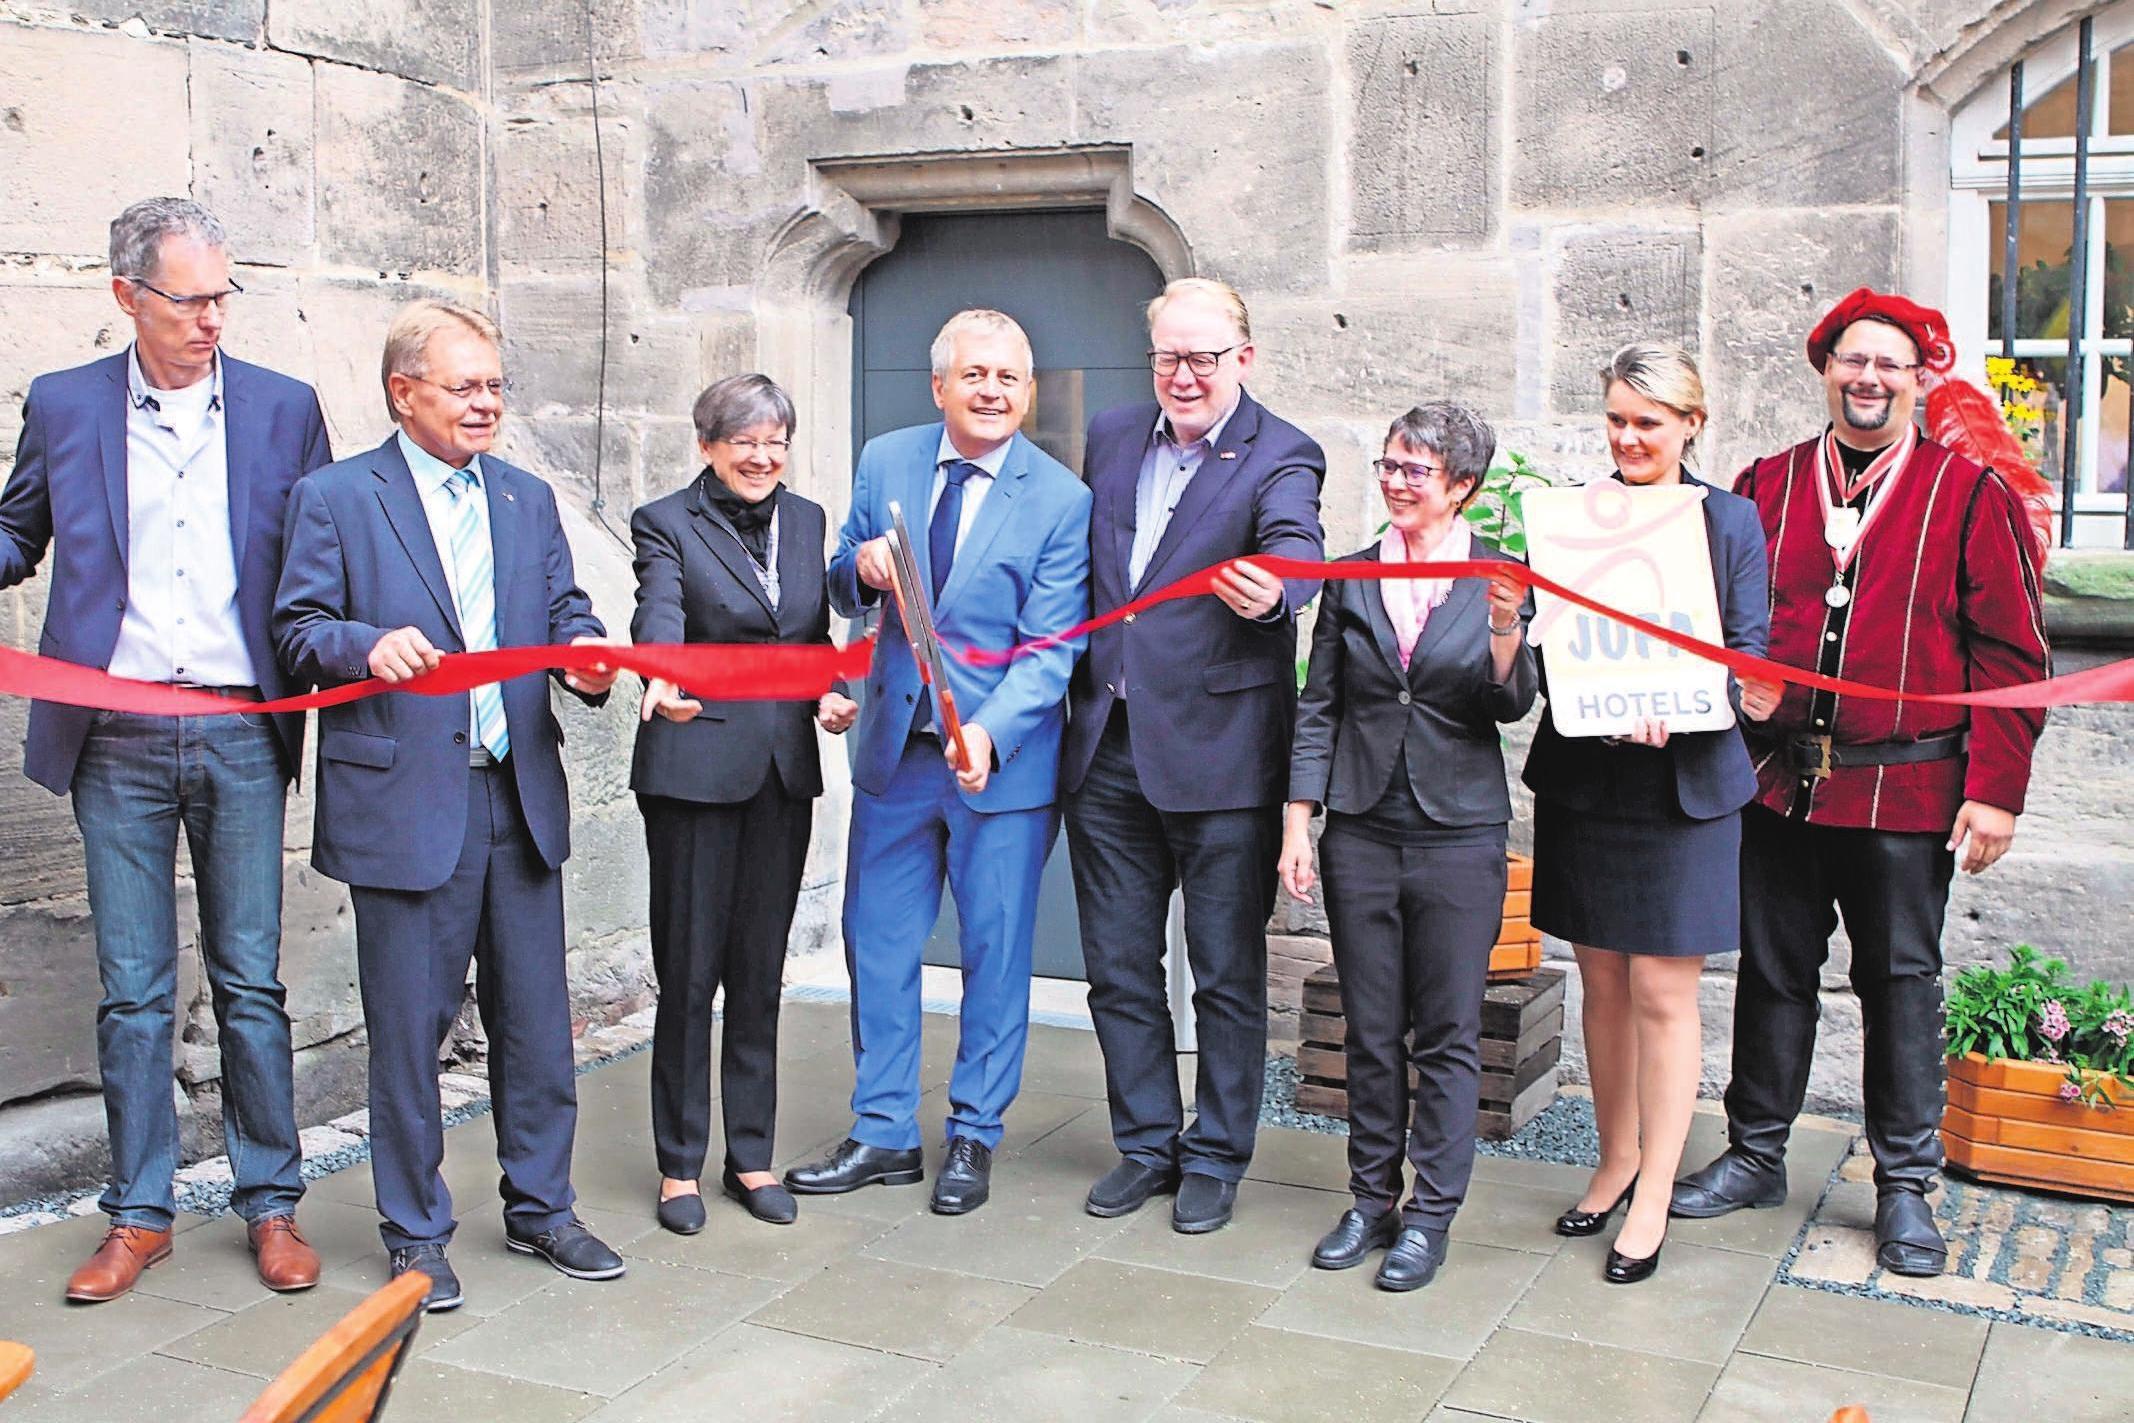 Der Vorstandsvorsitzende der JUFA Hotels Gerhard Wendel schnitt das rote Band symbolisch durch. Foto: mw